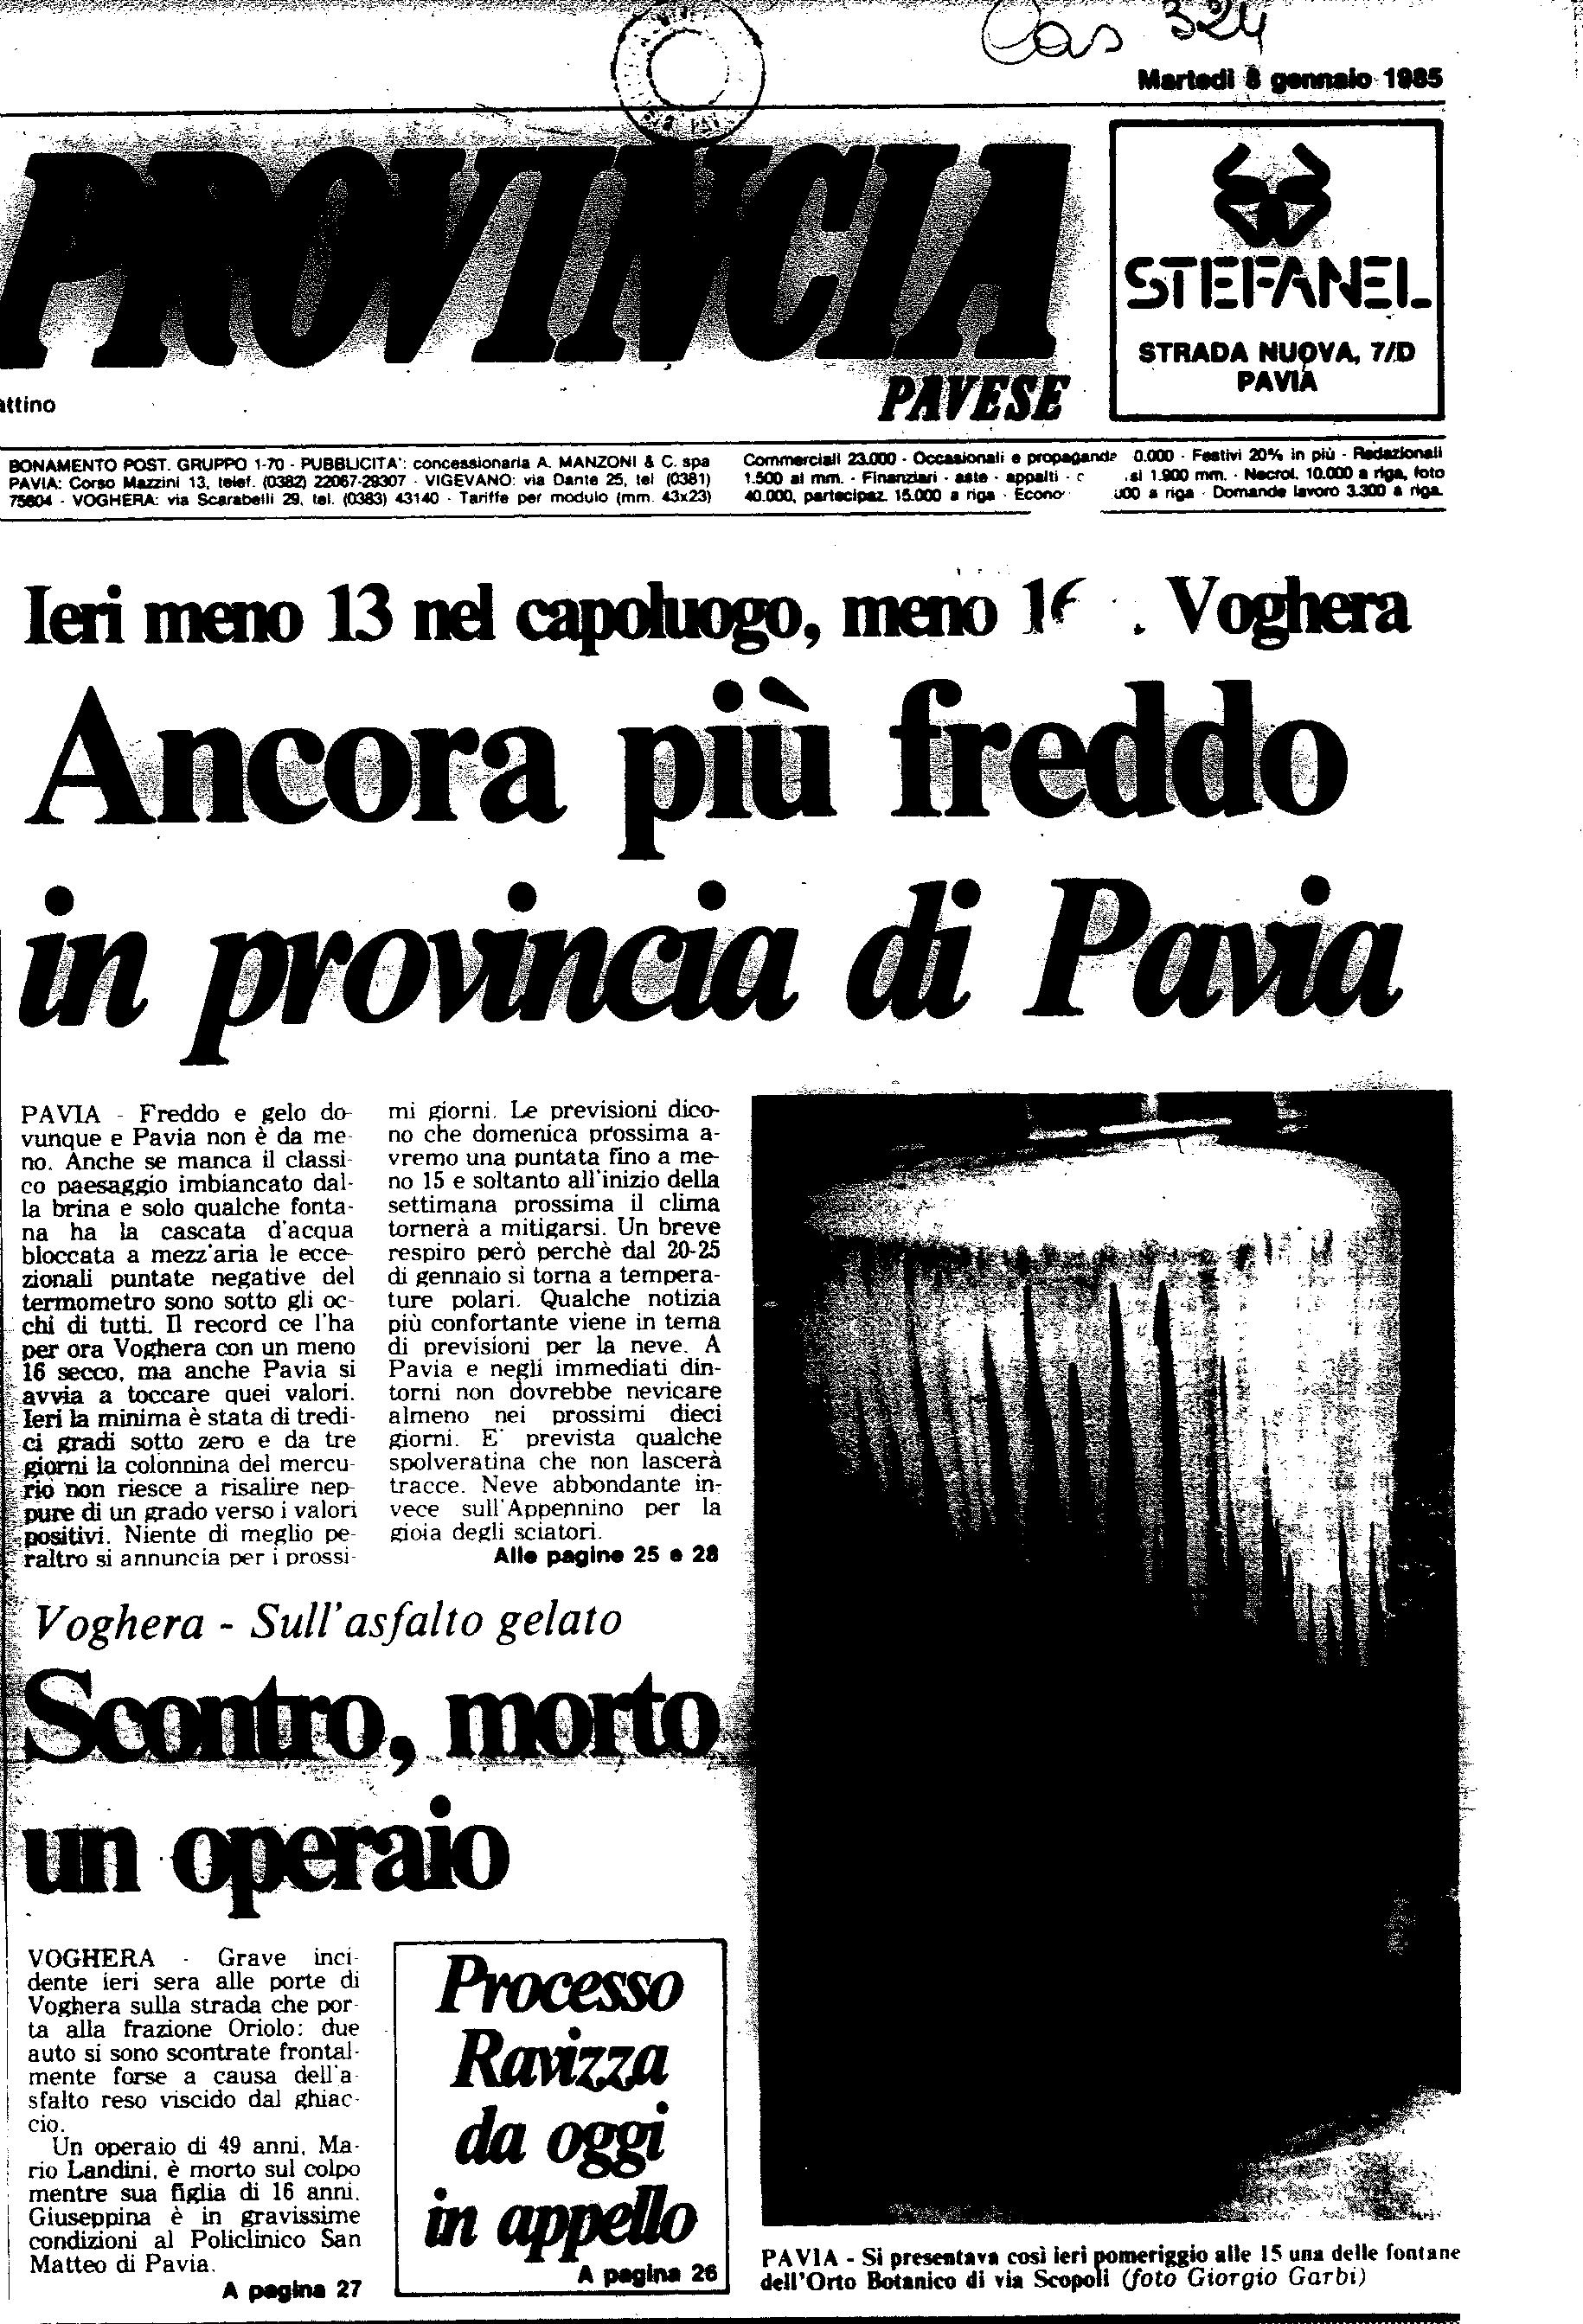 Un articolo dell' 8 Gennaio 1985 de